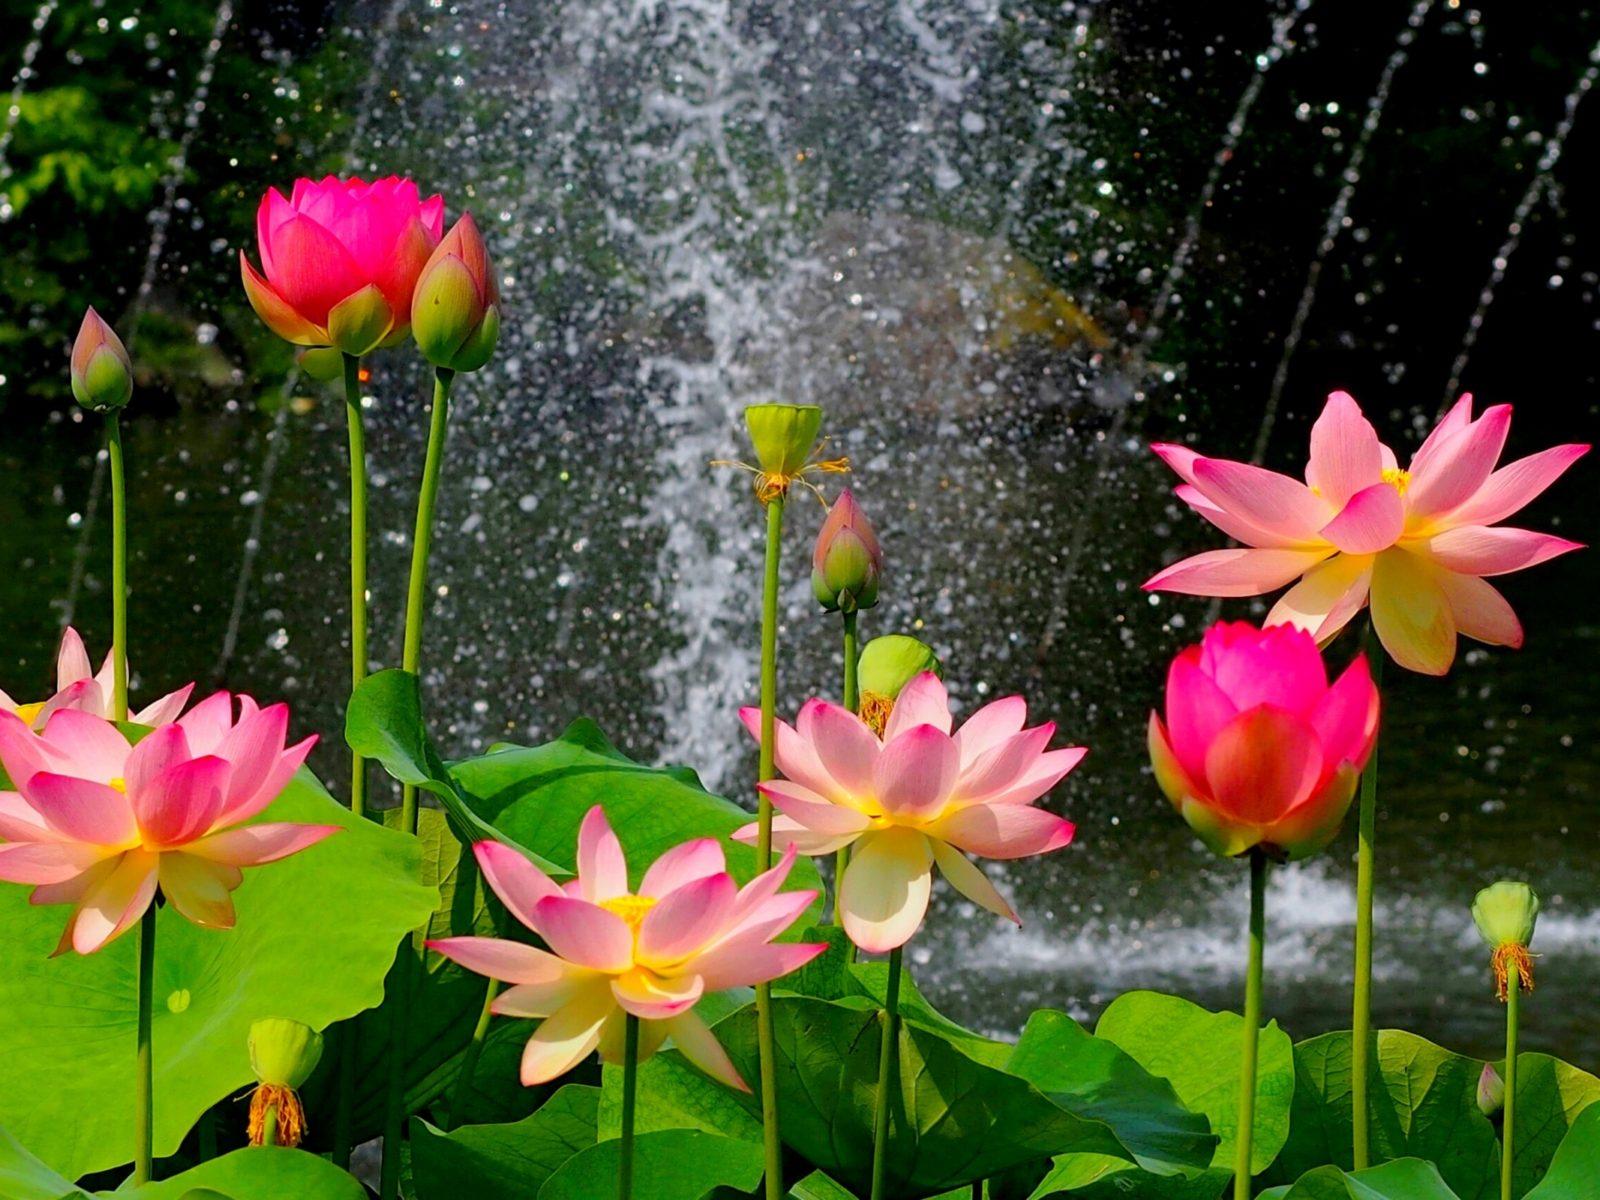 Pink Wallpaper Iphone 4 Lotus Flower Wallpaper Hd Download Of Pink Lotus Flower